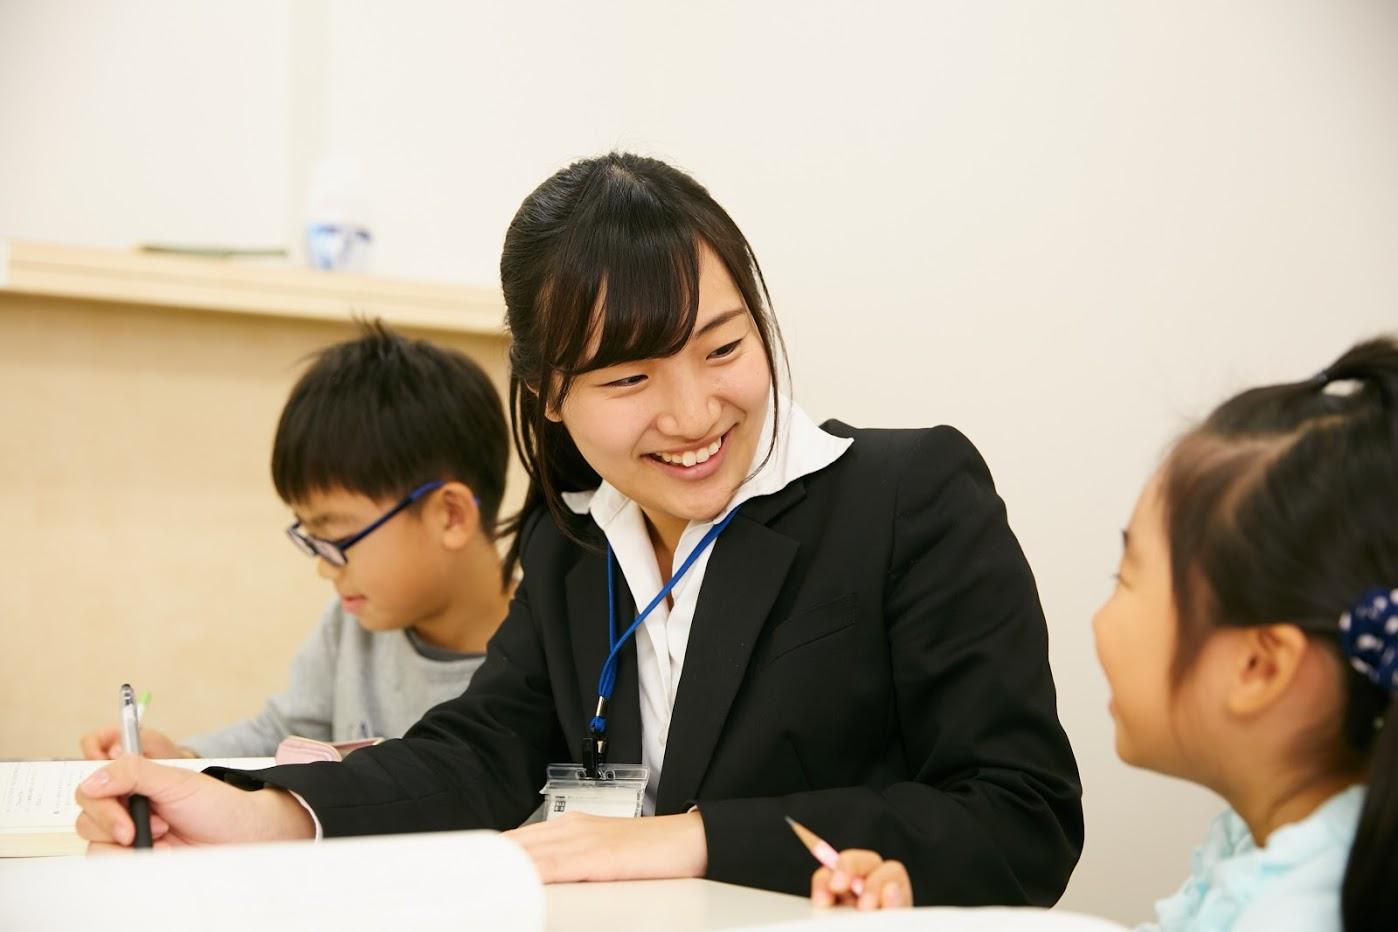 京進スクールワン富田教室